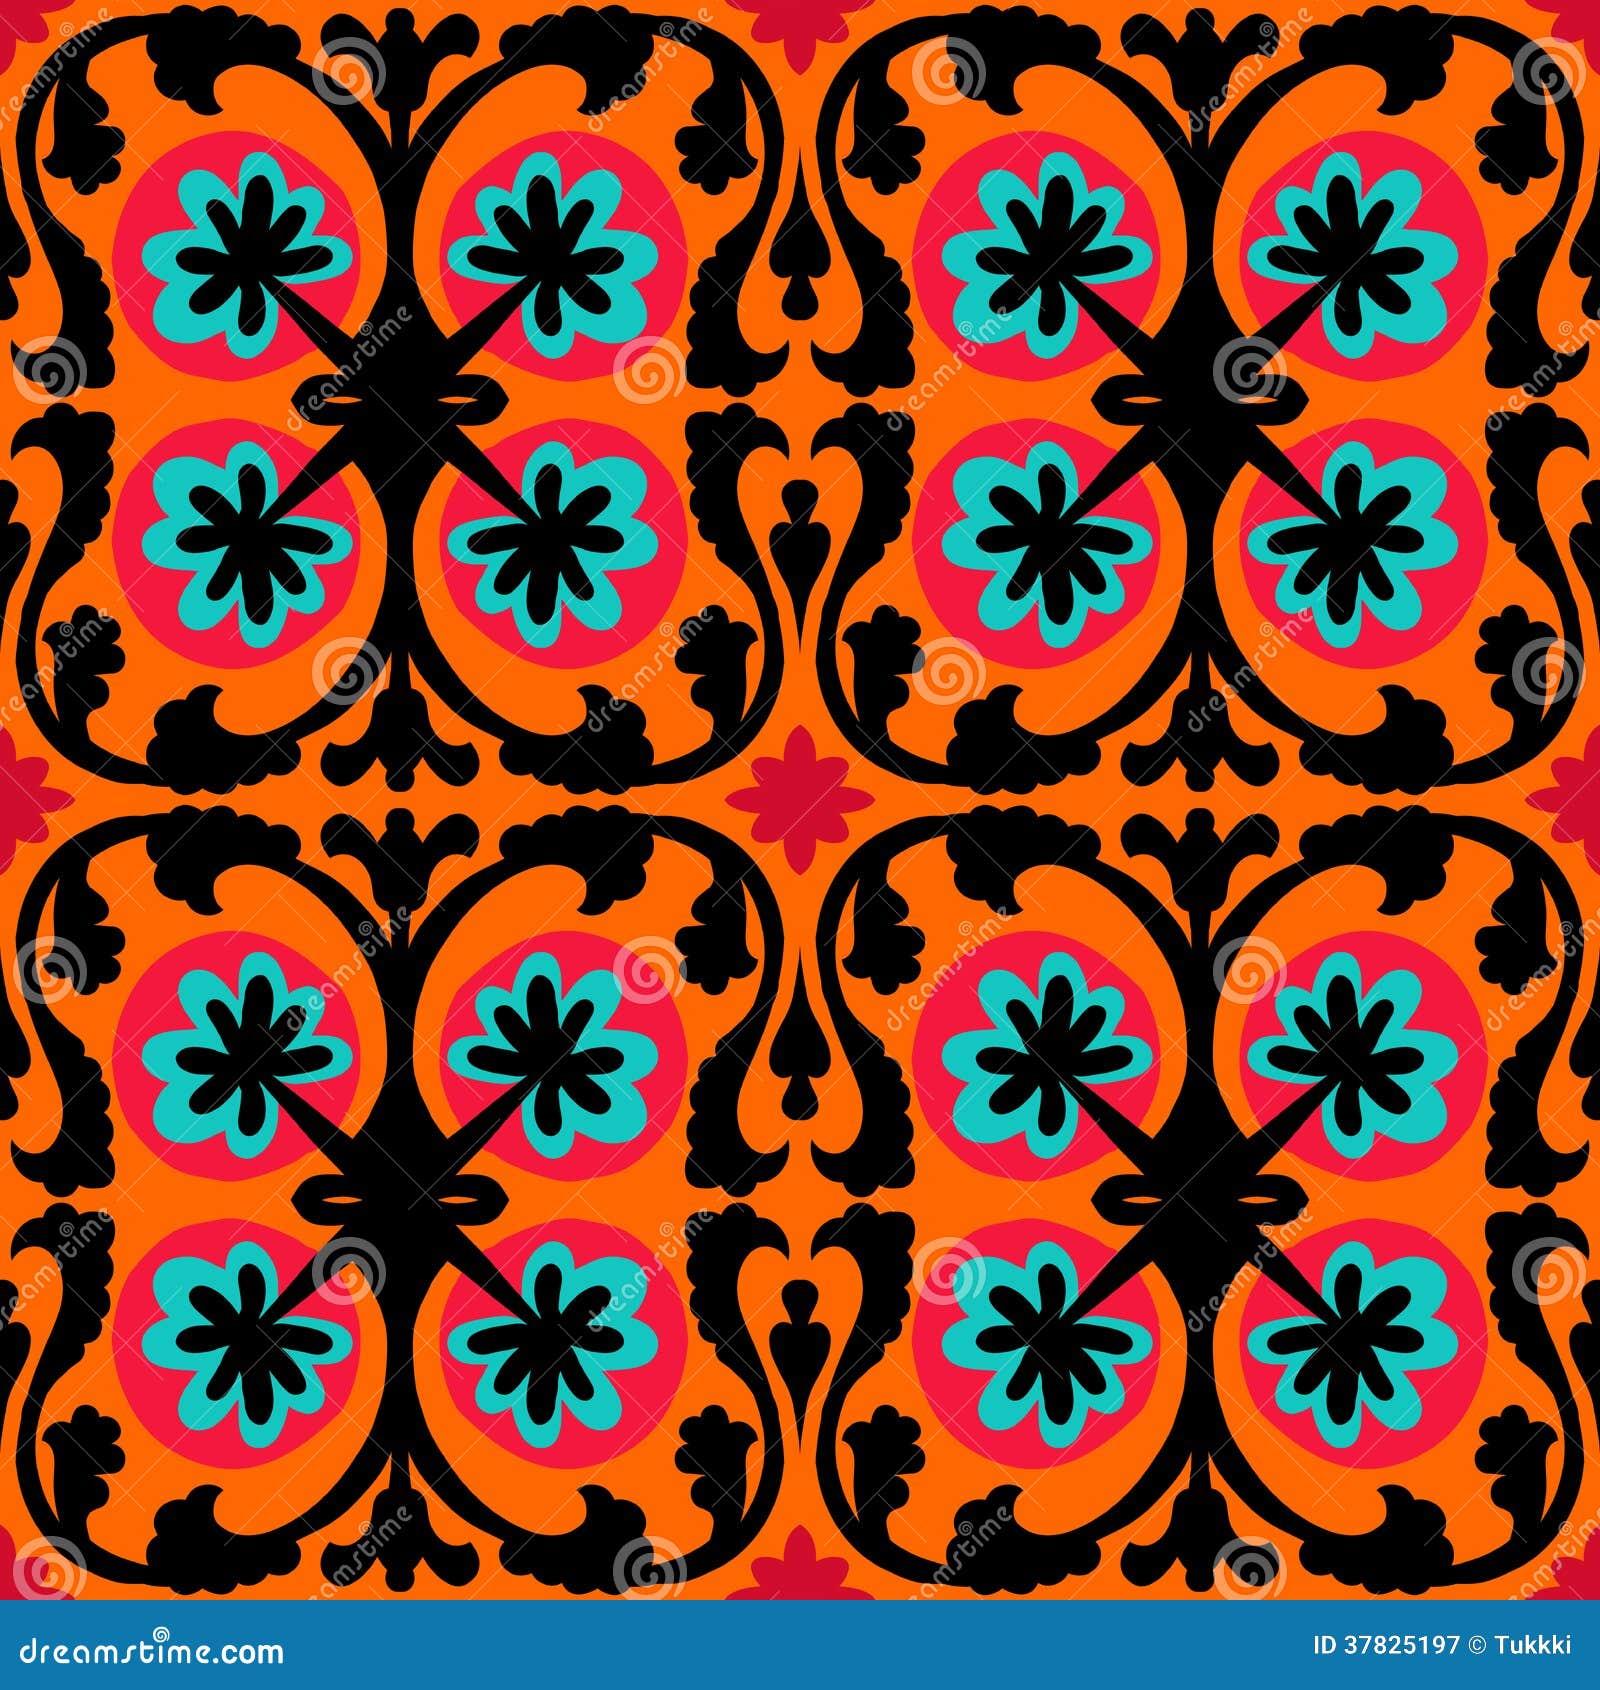 suzani pattern with uzbek and kazakh motifs royalty free